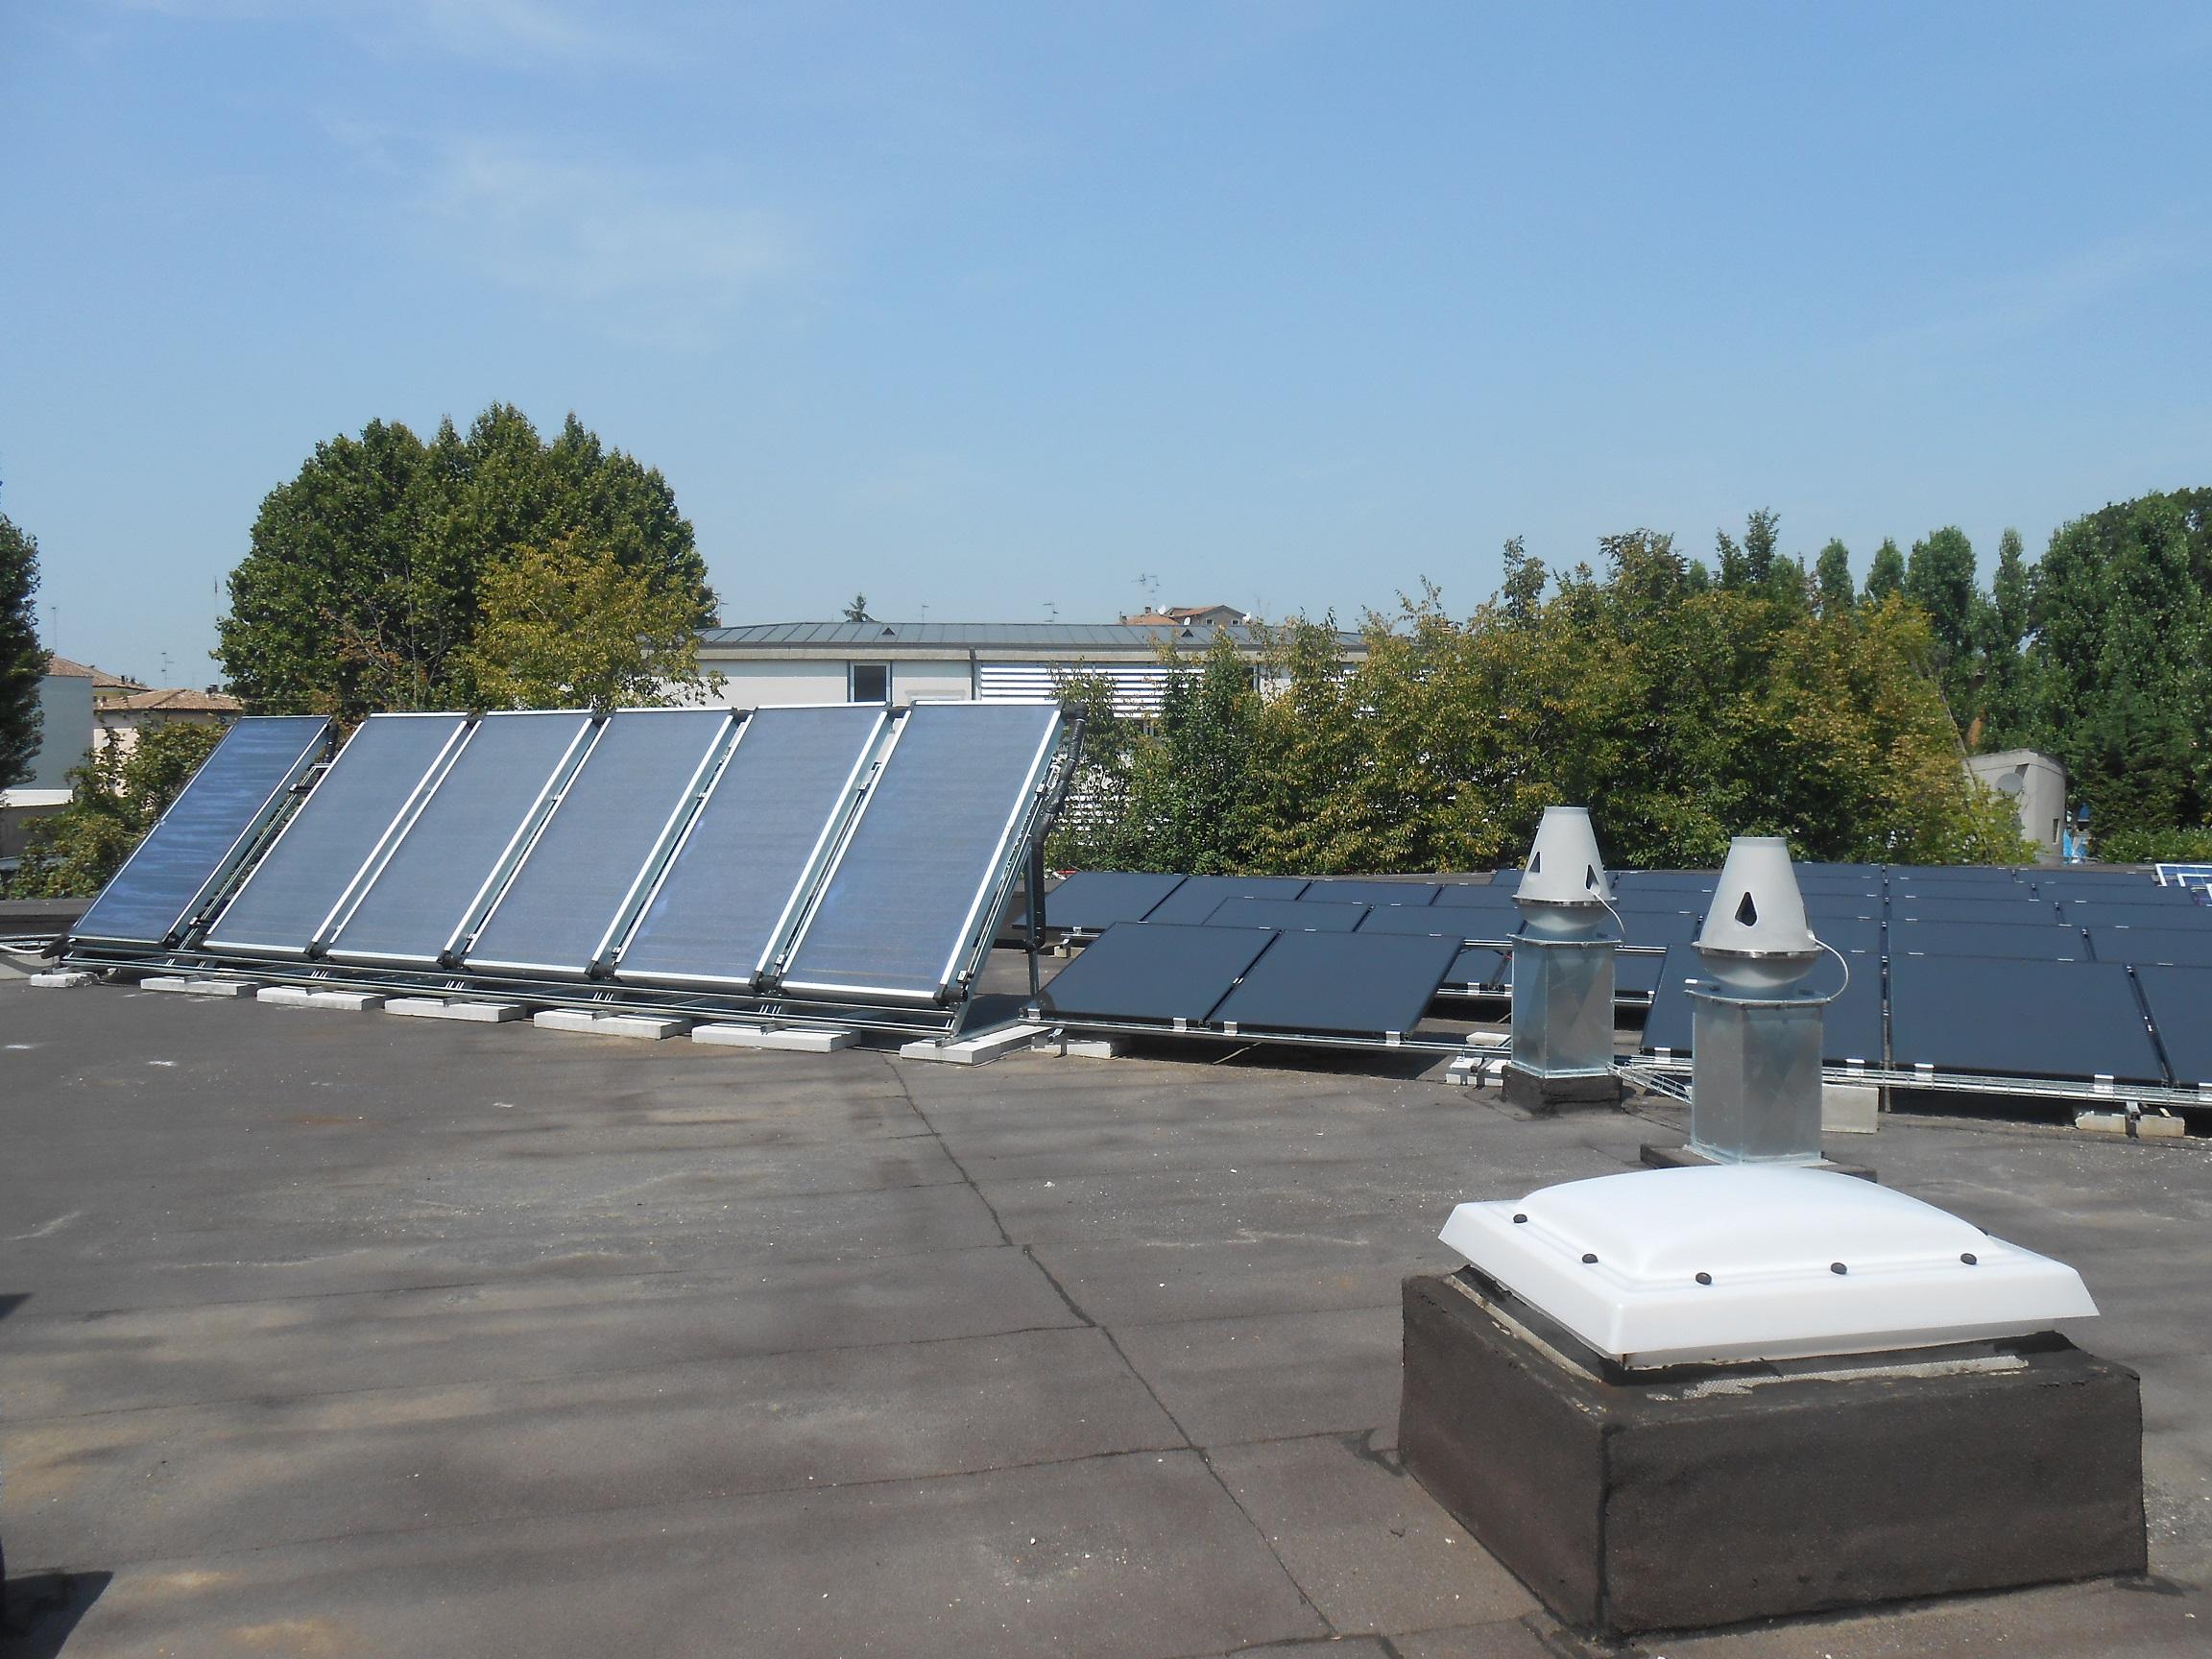 Impianto solare termico per una palestra green gt il for Pannelli solari per acqua calda ultima generazione